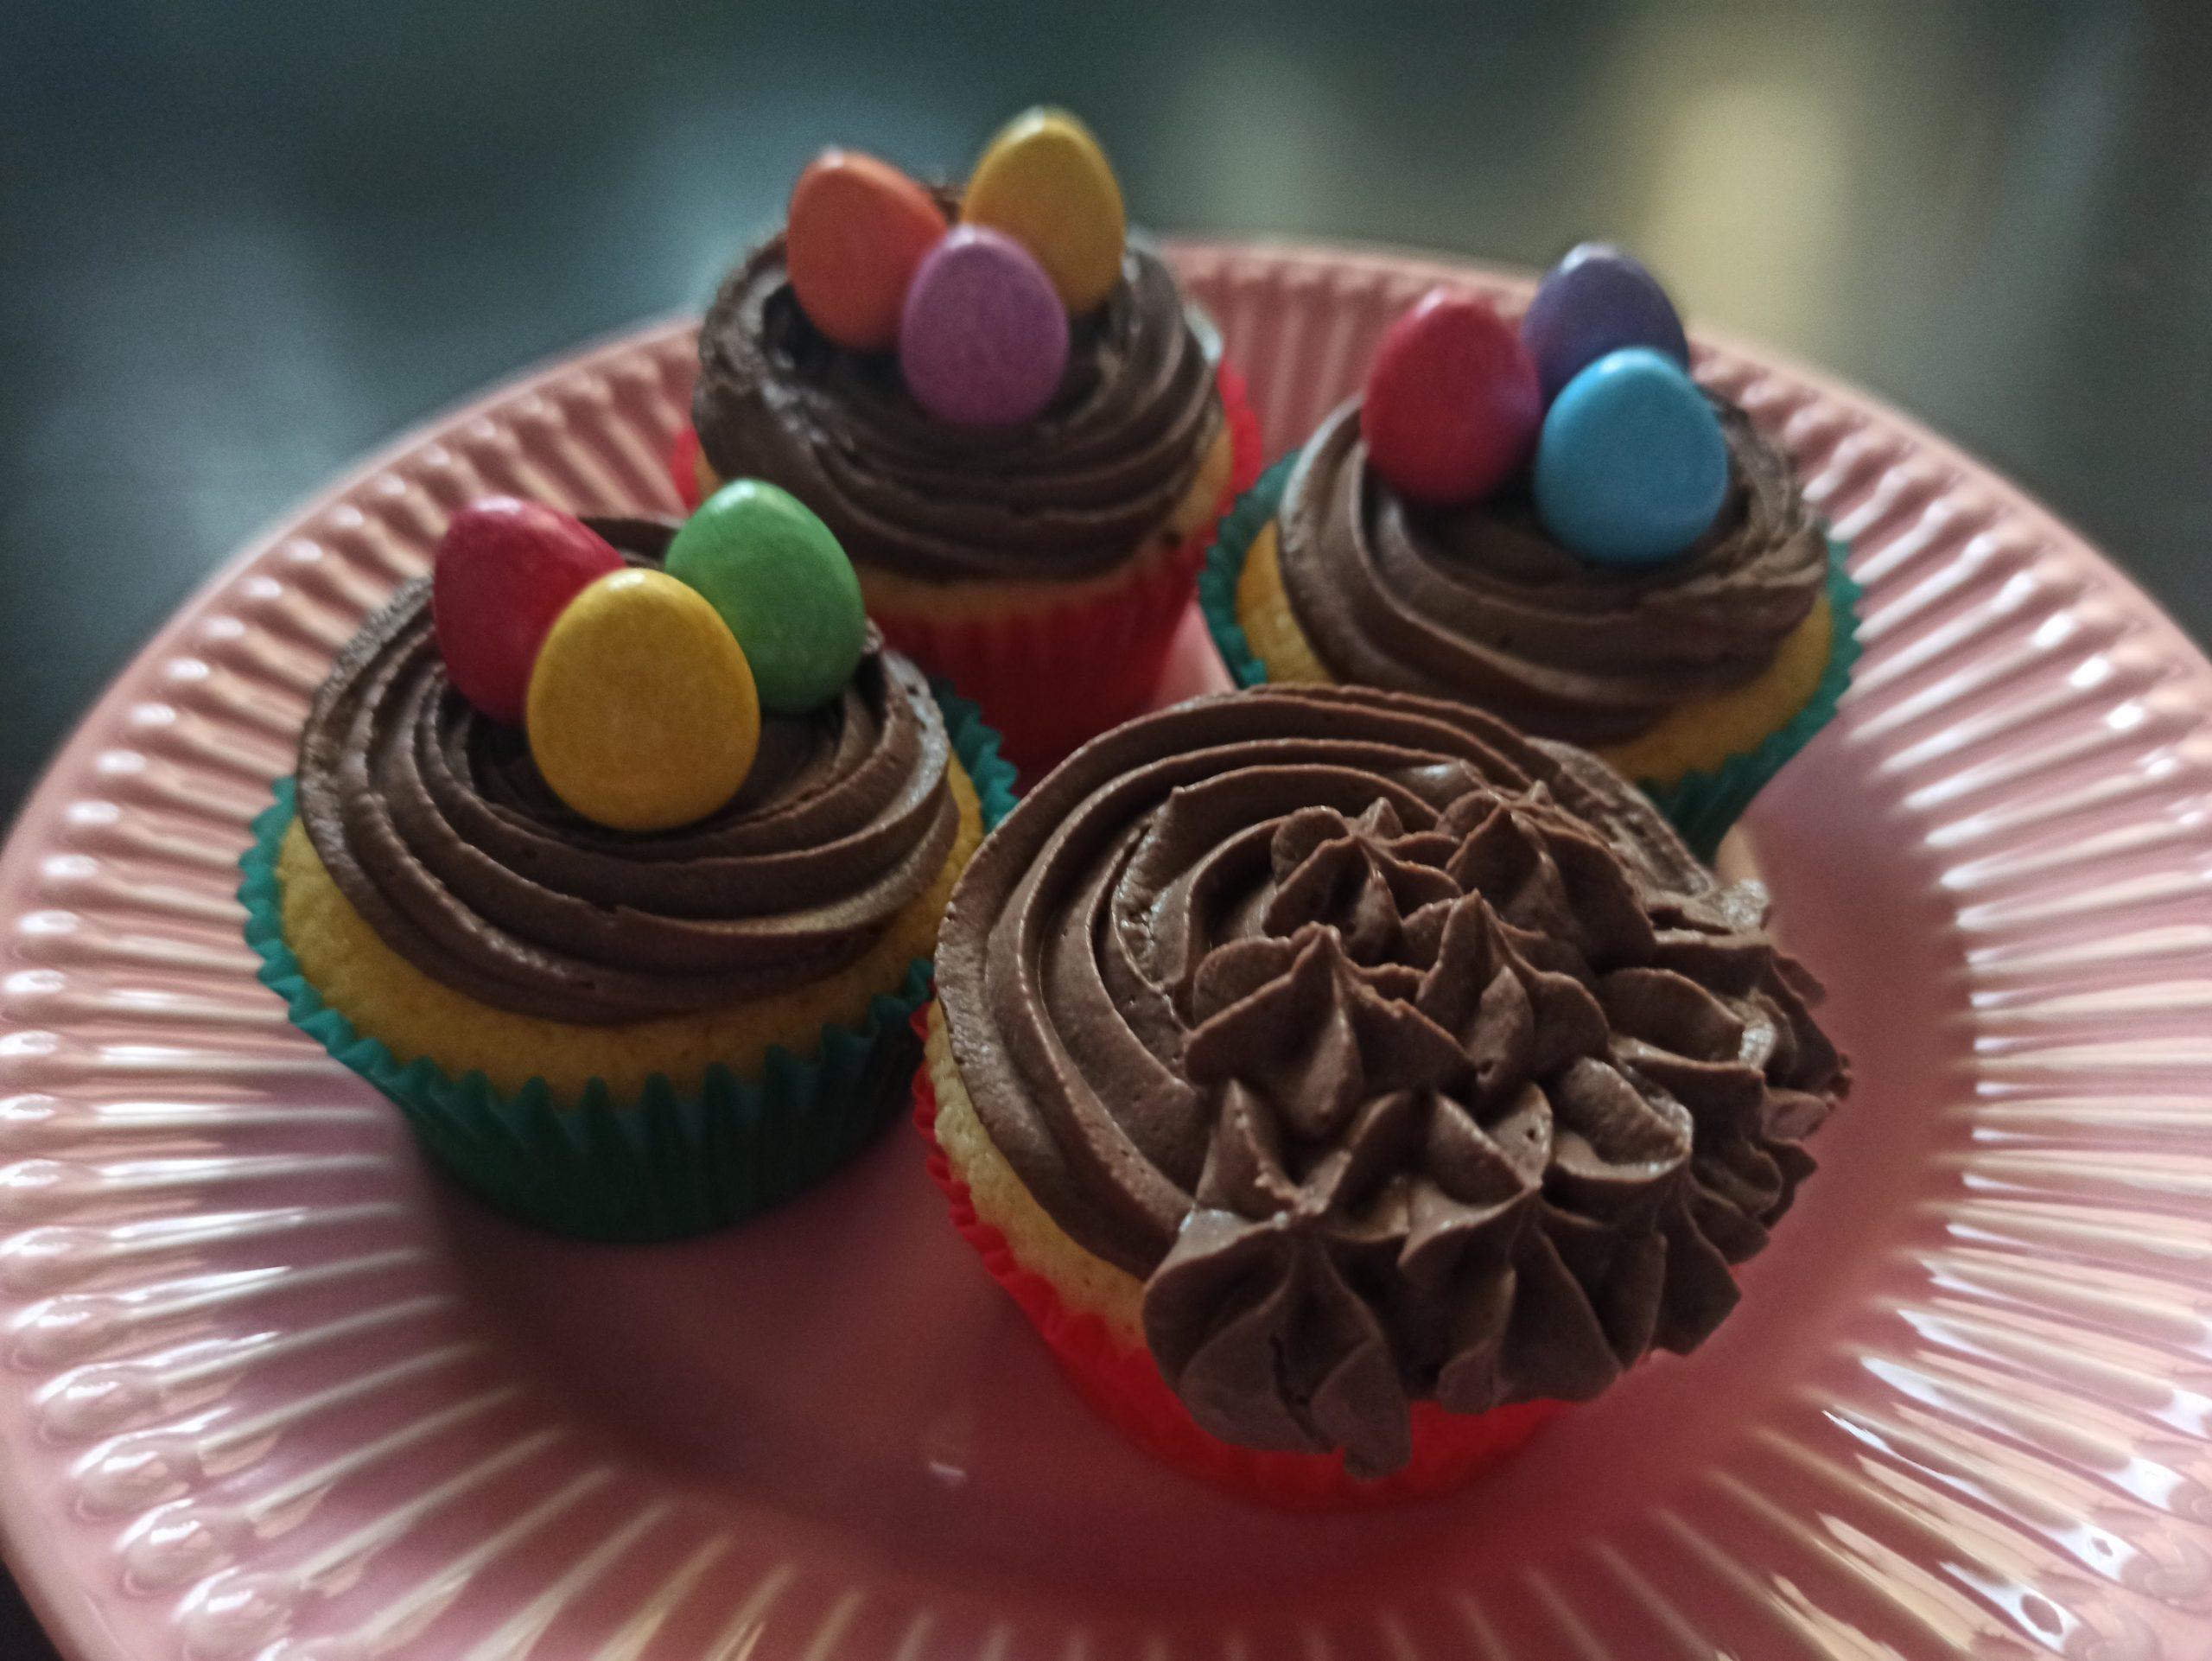 velikonoční muffiny, krém z mascarpone a minivajíčka